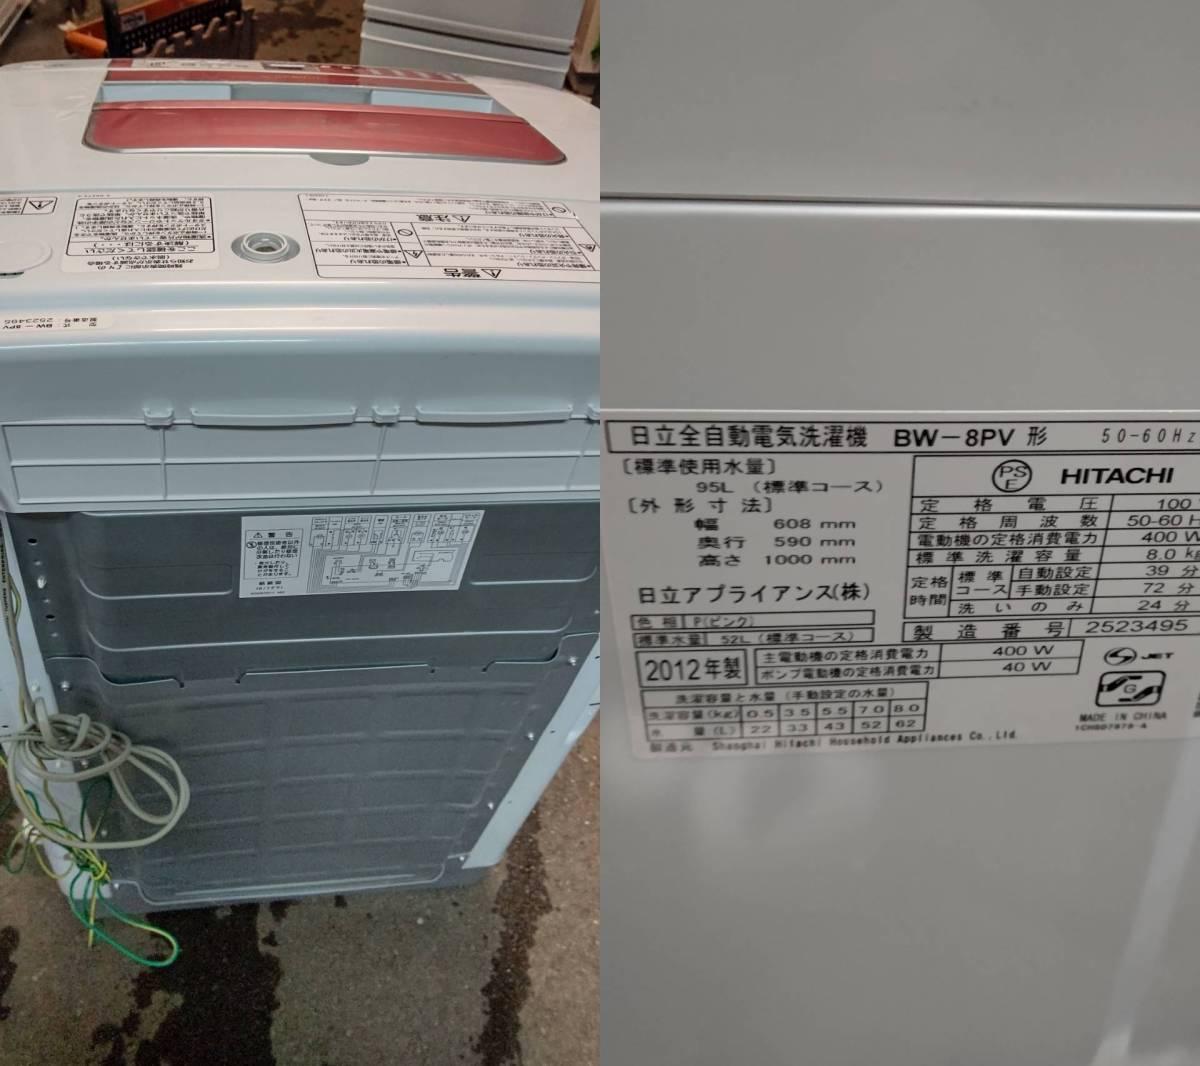 送料無料T47744 日立 全自動洗濯機 ビートウォッシュ 8.0㎏ BW-8PV シャワービート洗浄 エアジェット乾燥 美品_画像4